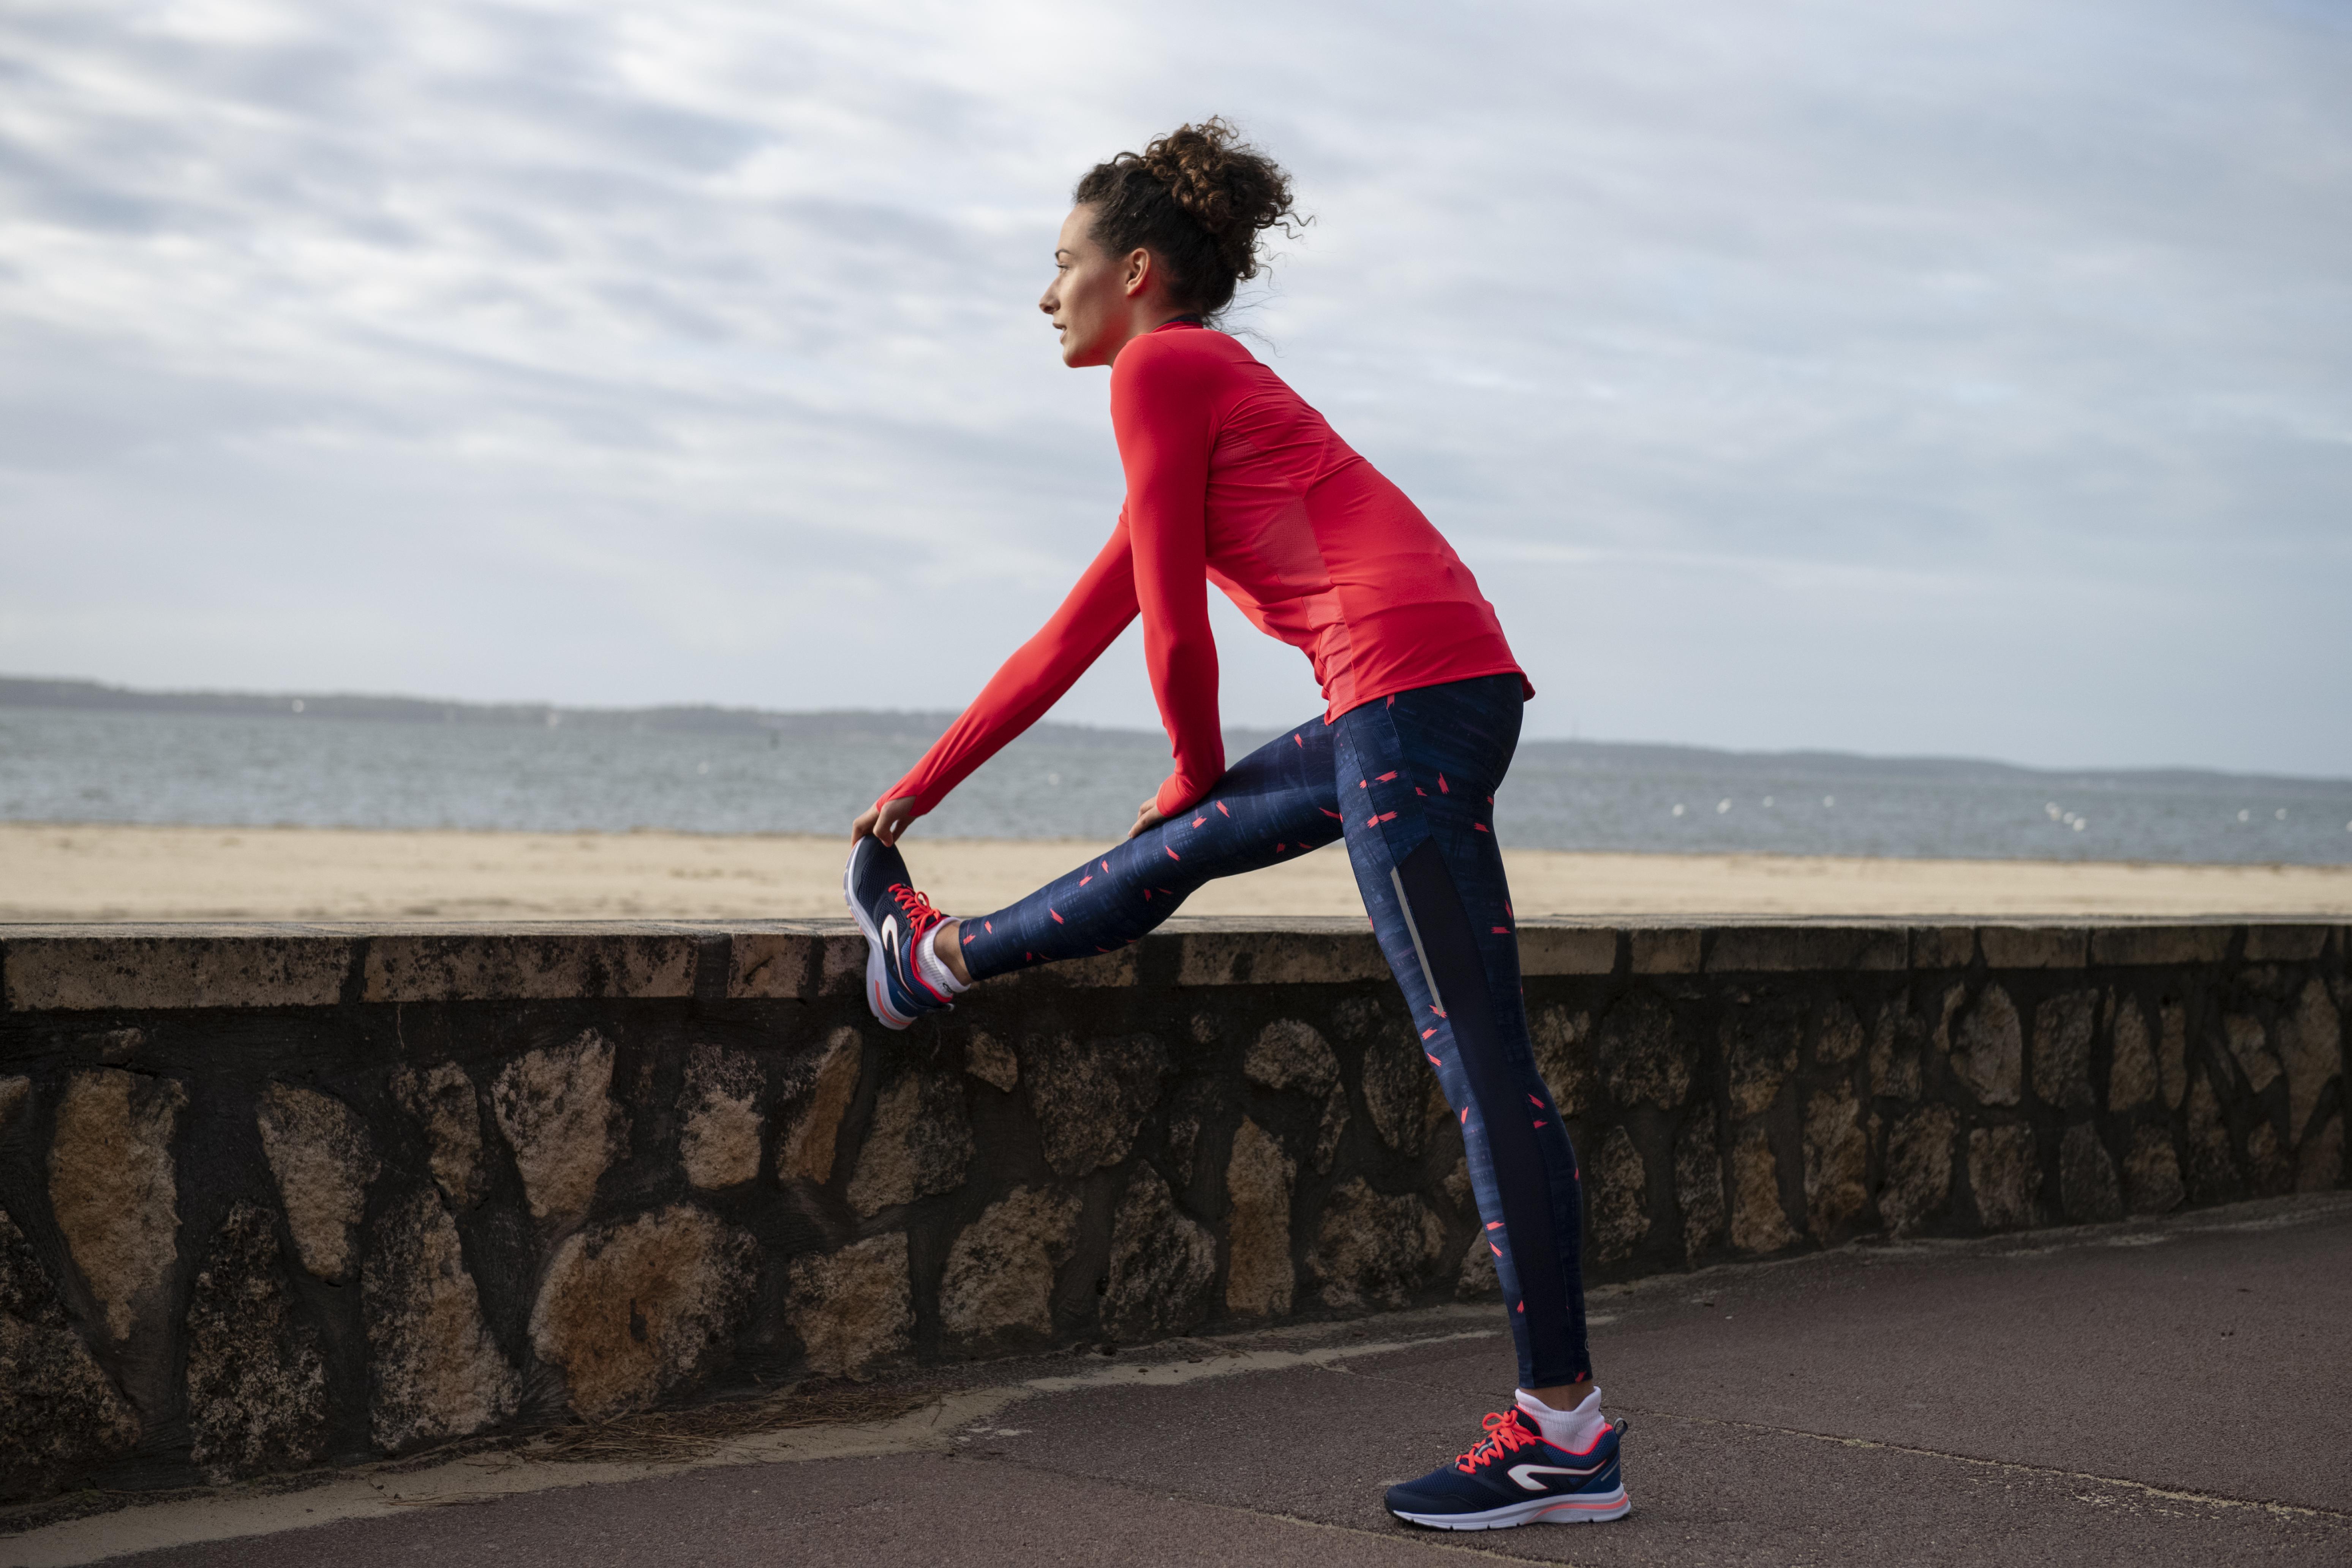 ubrania do biegania odzież do biegania buty do biegania